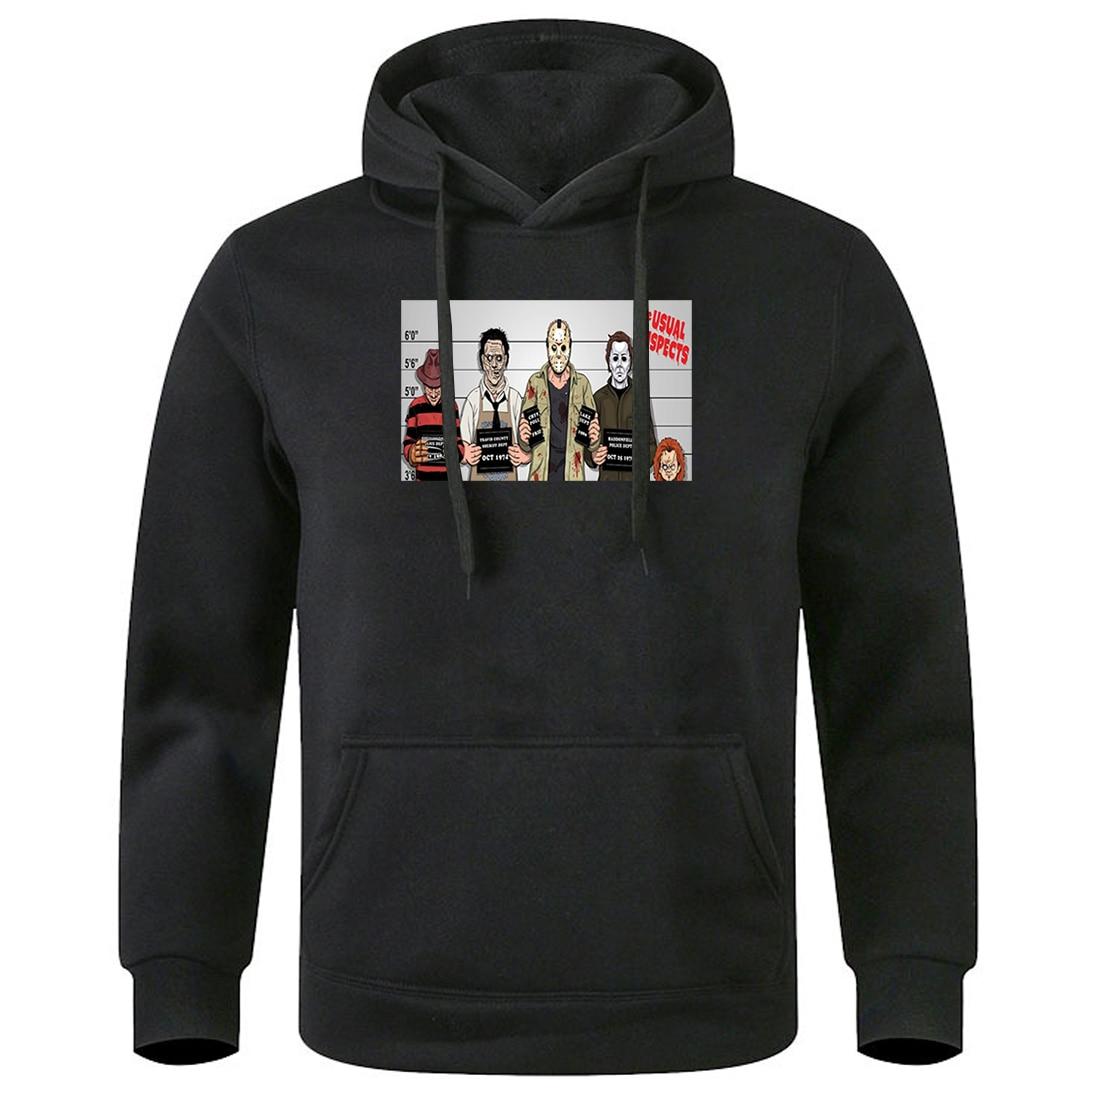 Men The Usual Suspects Hooded Pullovers 2020 Keep Warm Spring Winter Hoodies Streetwear Leisure Sweatshirts Mens Fleece Hoody